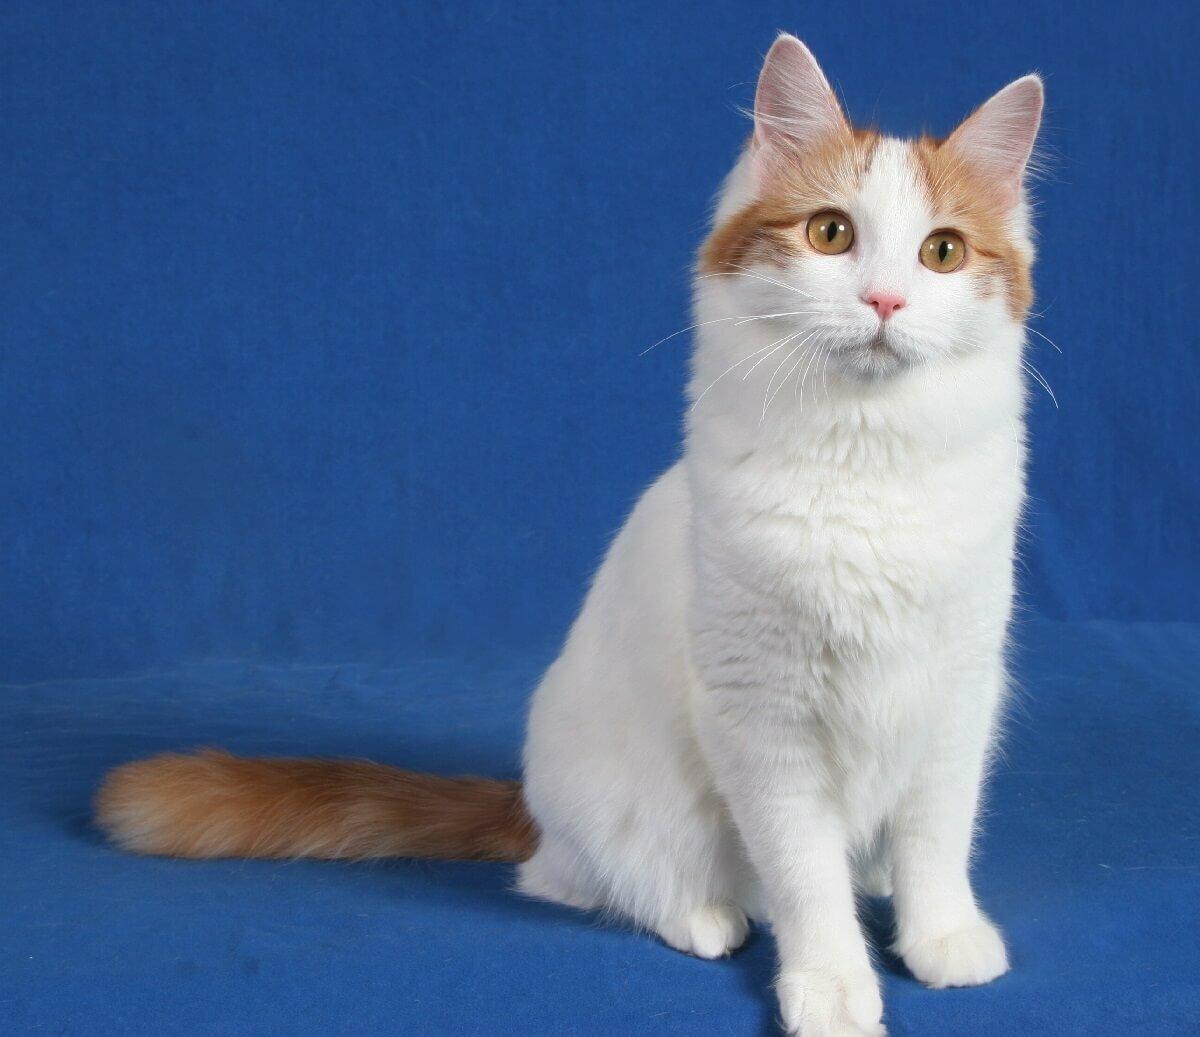 примерно такую турецкий ван порода кошек фото этого